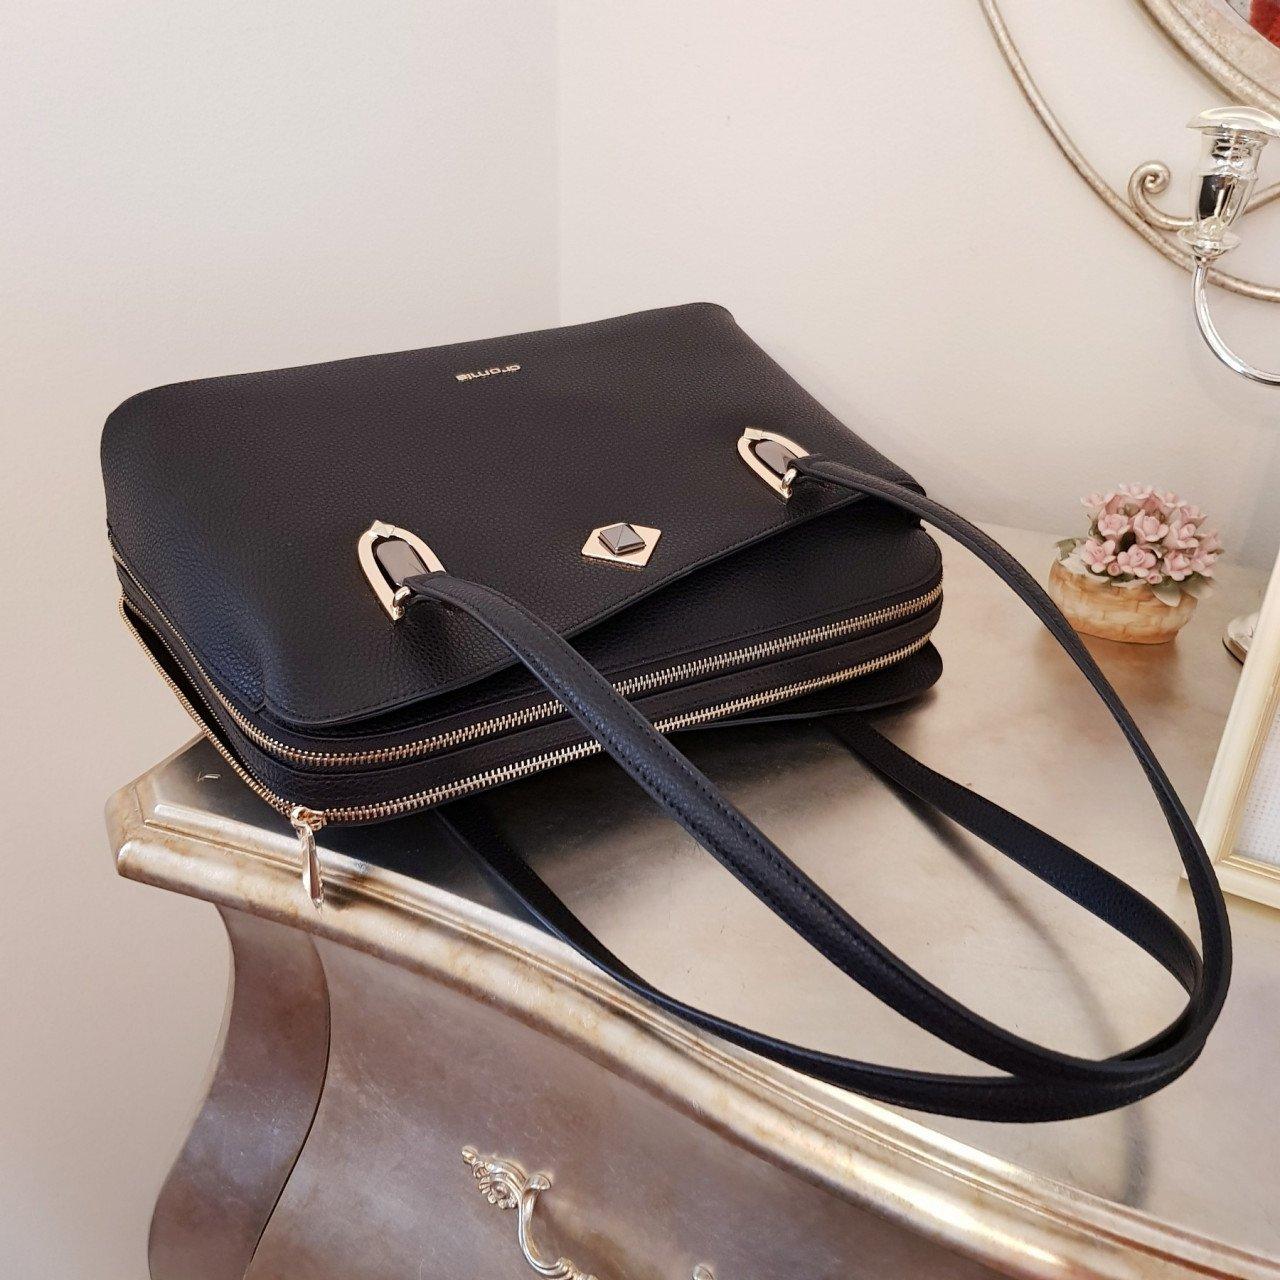 Женская кожаная сумка Cromia 1404830 NERO из натуральной кожи